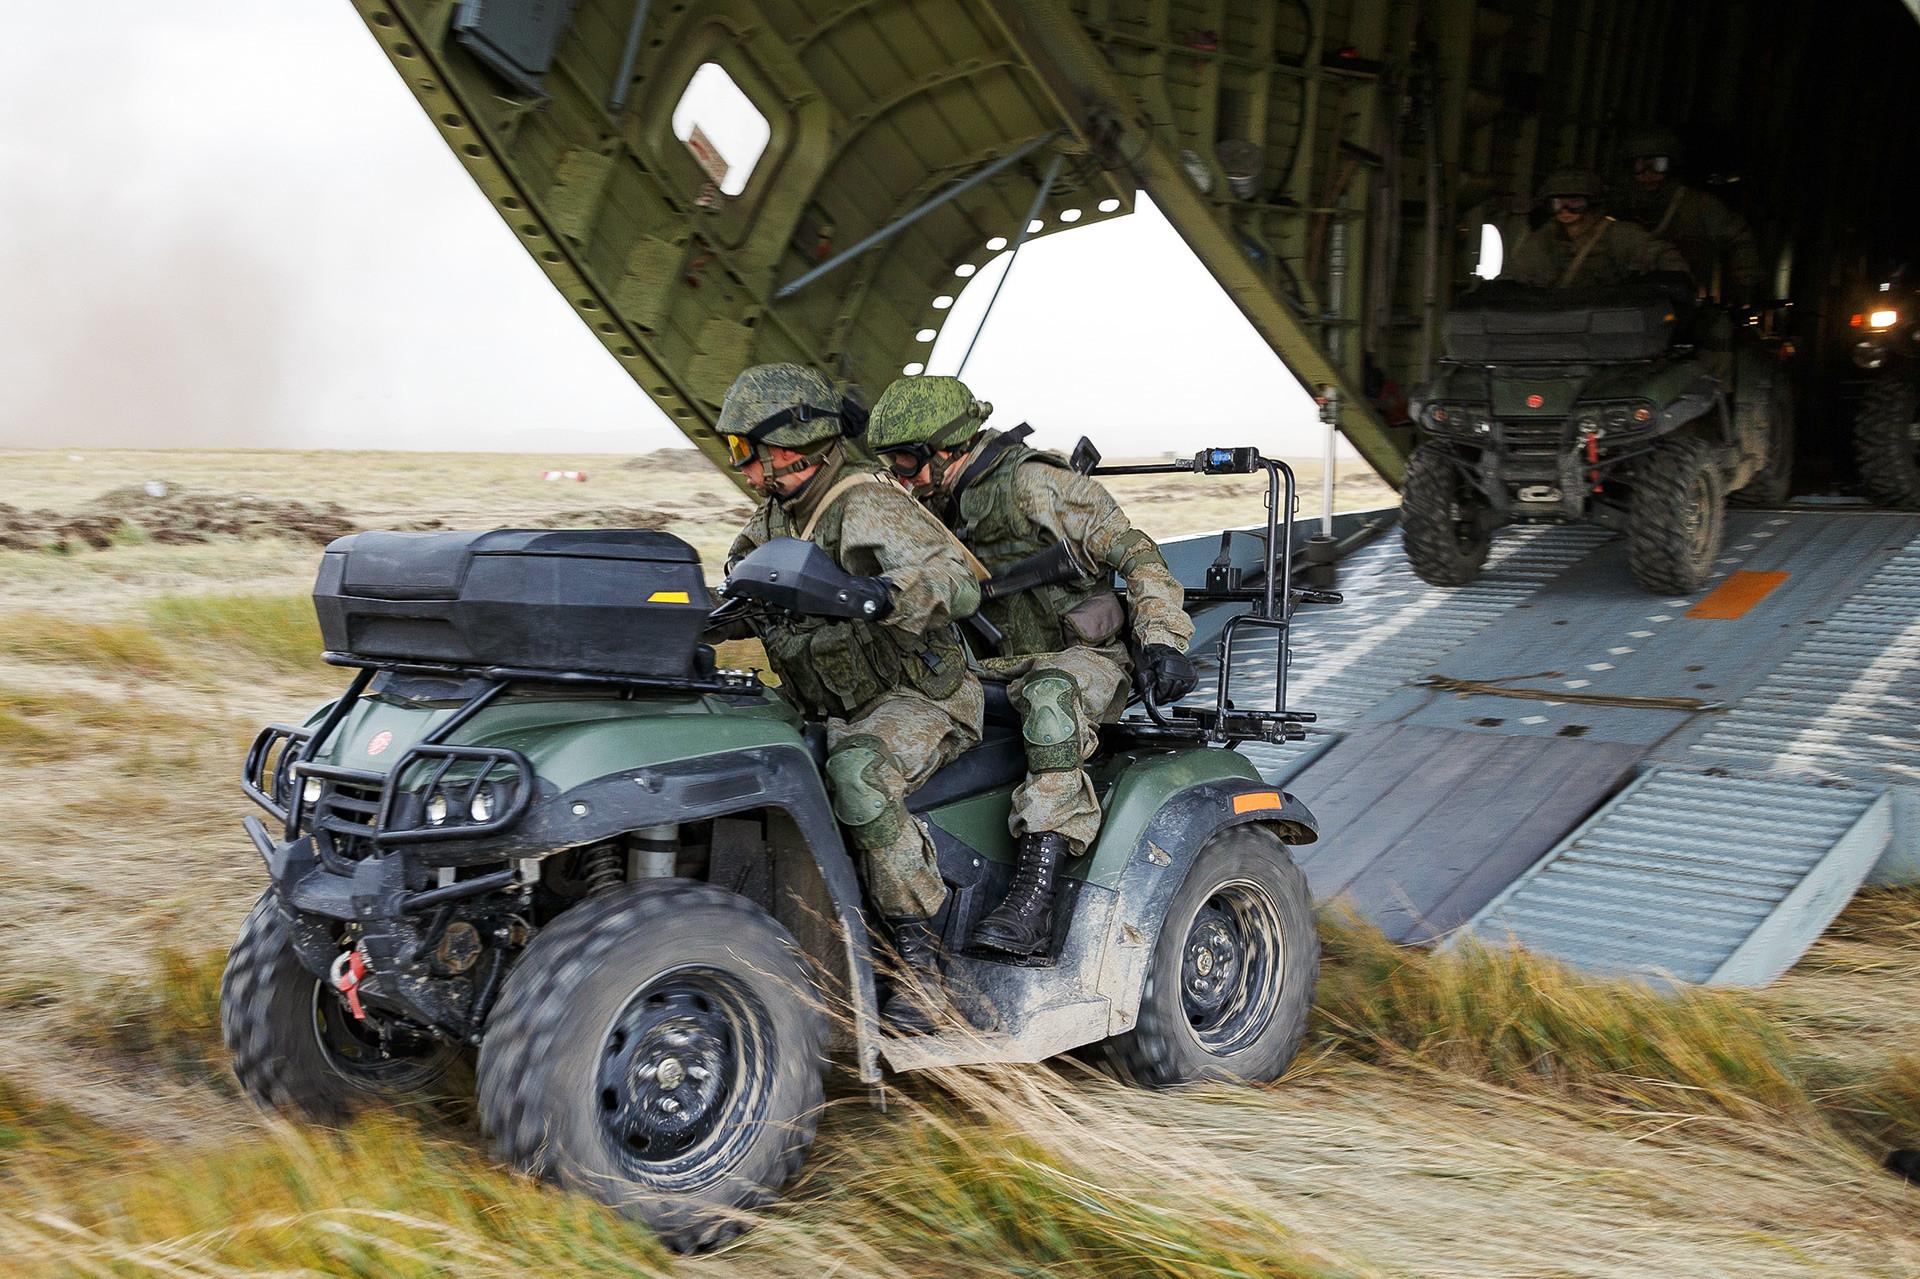 ロシア連邦軍の四輪車A-1。ツゴル演習場で行われた露中合同軍事演習「ボストーク2018」にて。